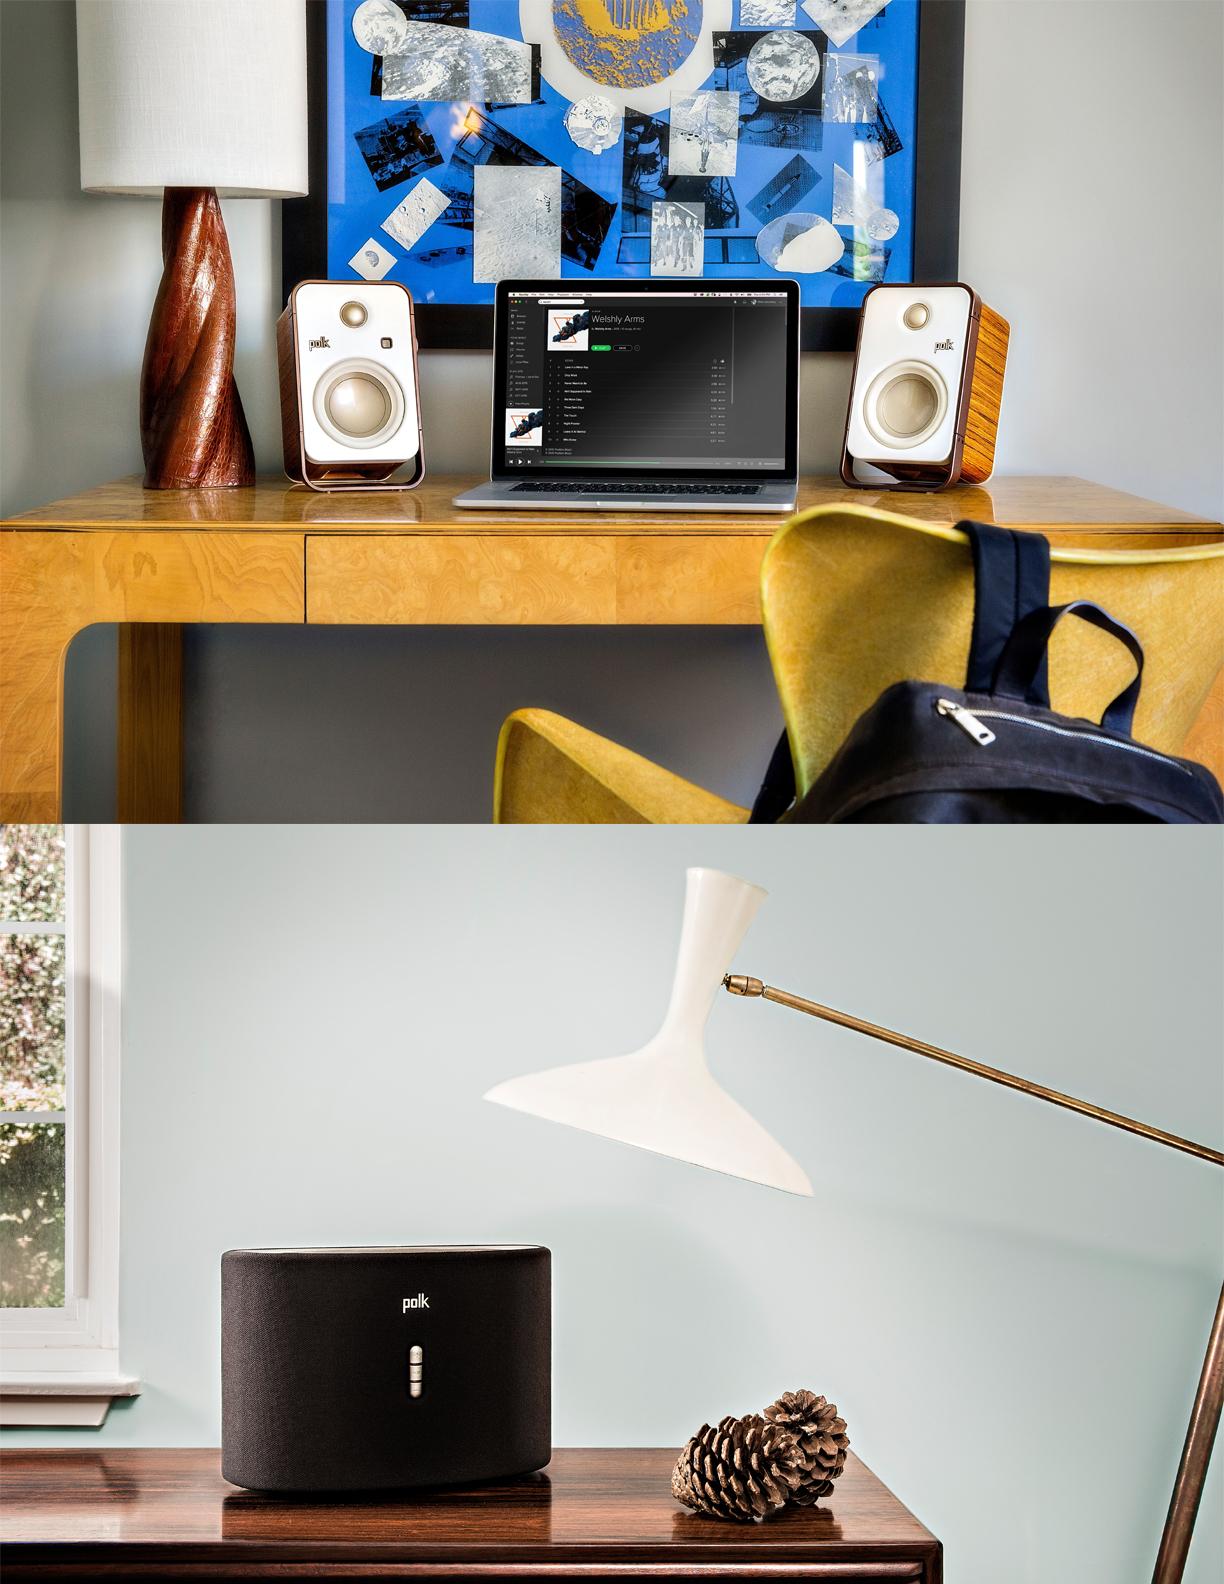 POLK   JANUARY 2018  Denon Speaker Systems.  Product & Branding Photoshoot.